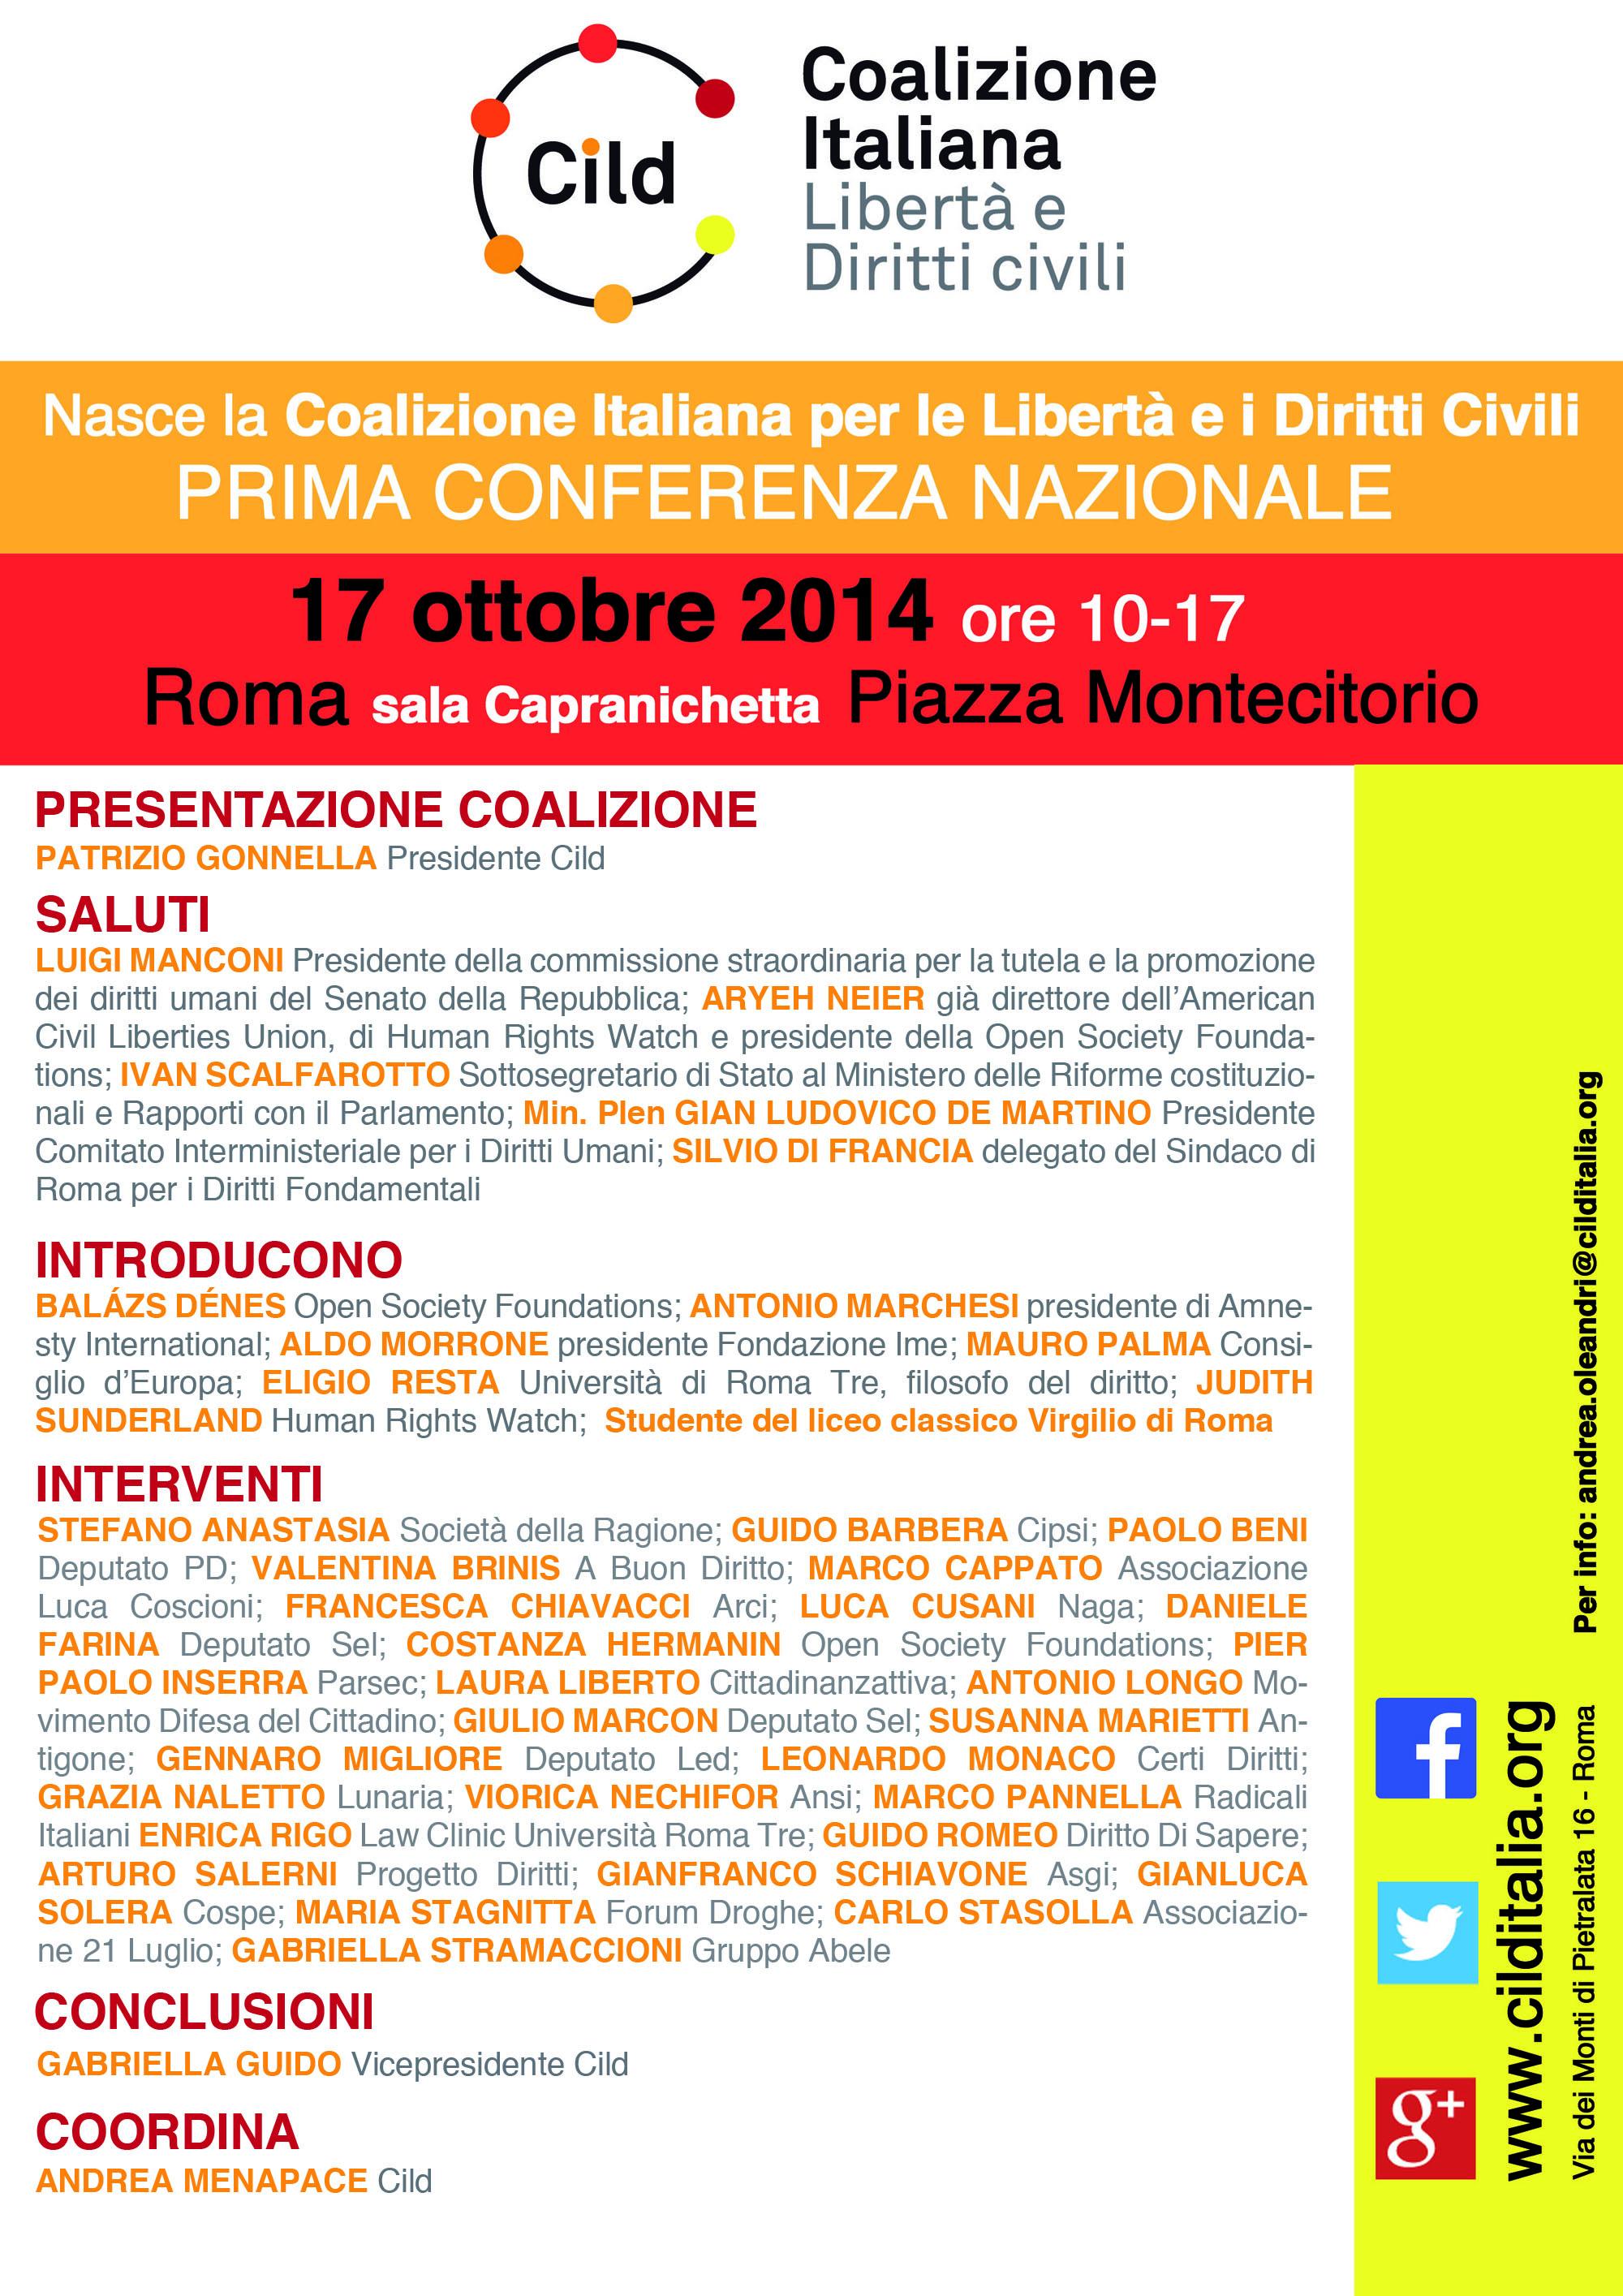 Nasce la Coalizione Italiana per le Libertà e i Diritti civili. Il 17 ottobre la prima conferenza pubblica